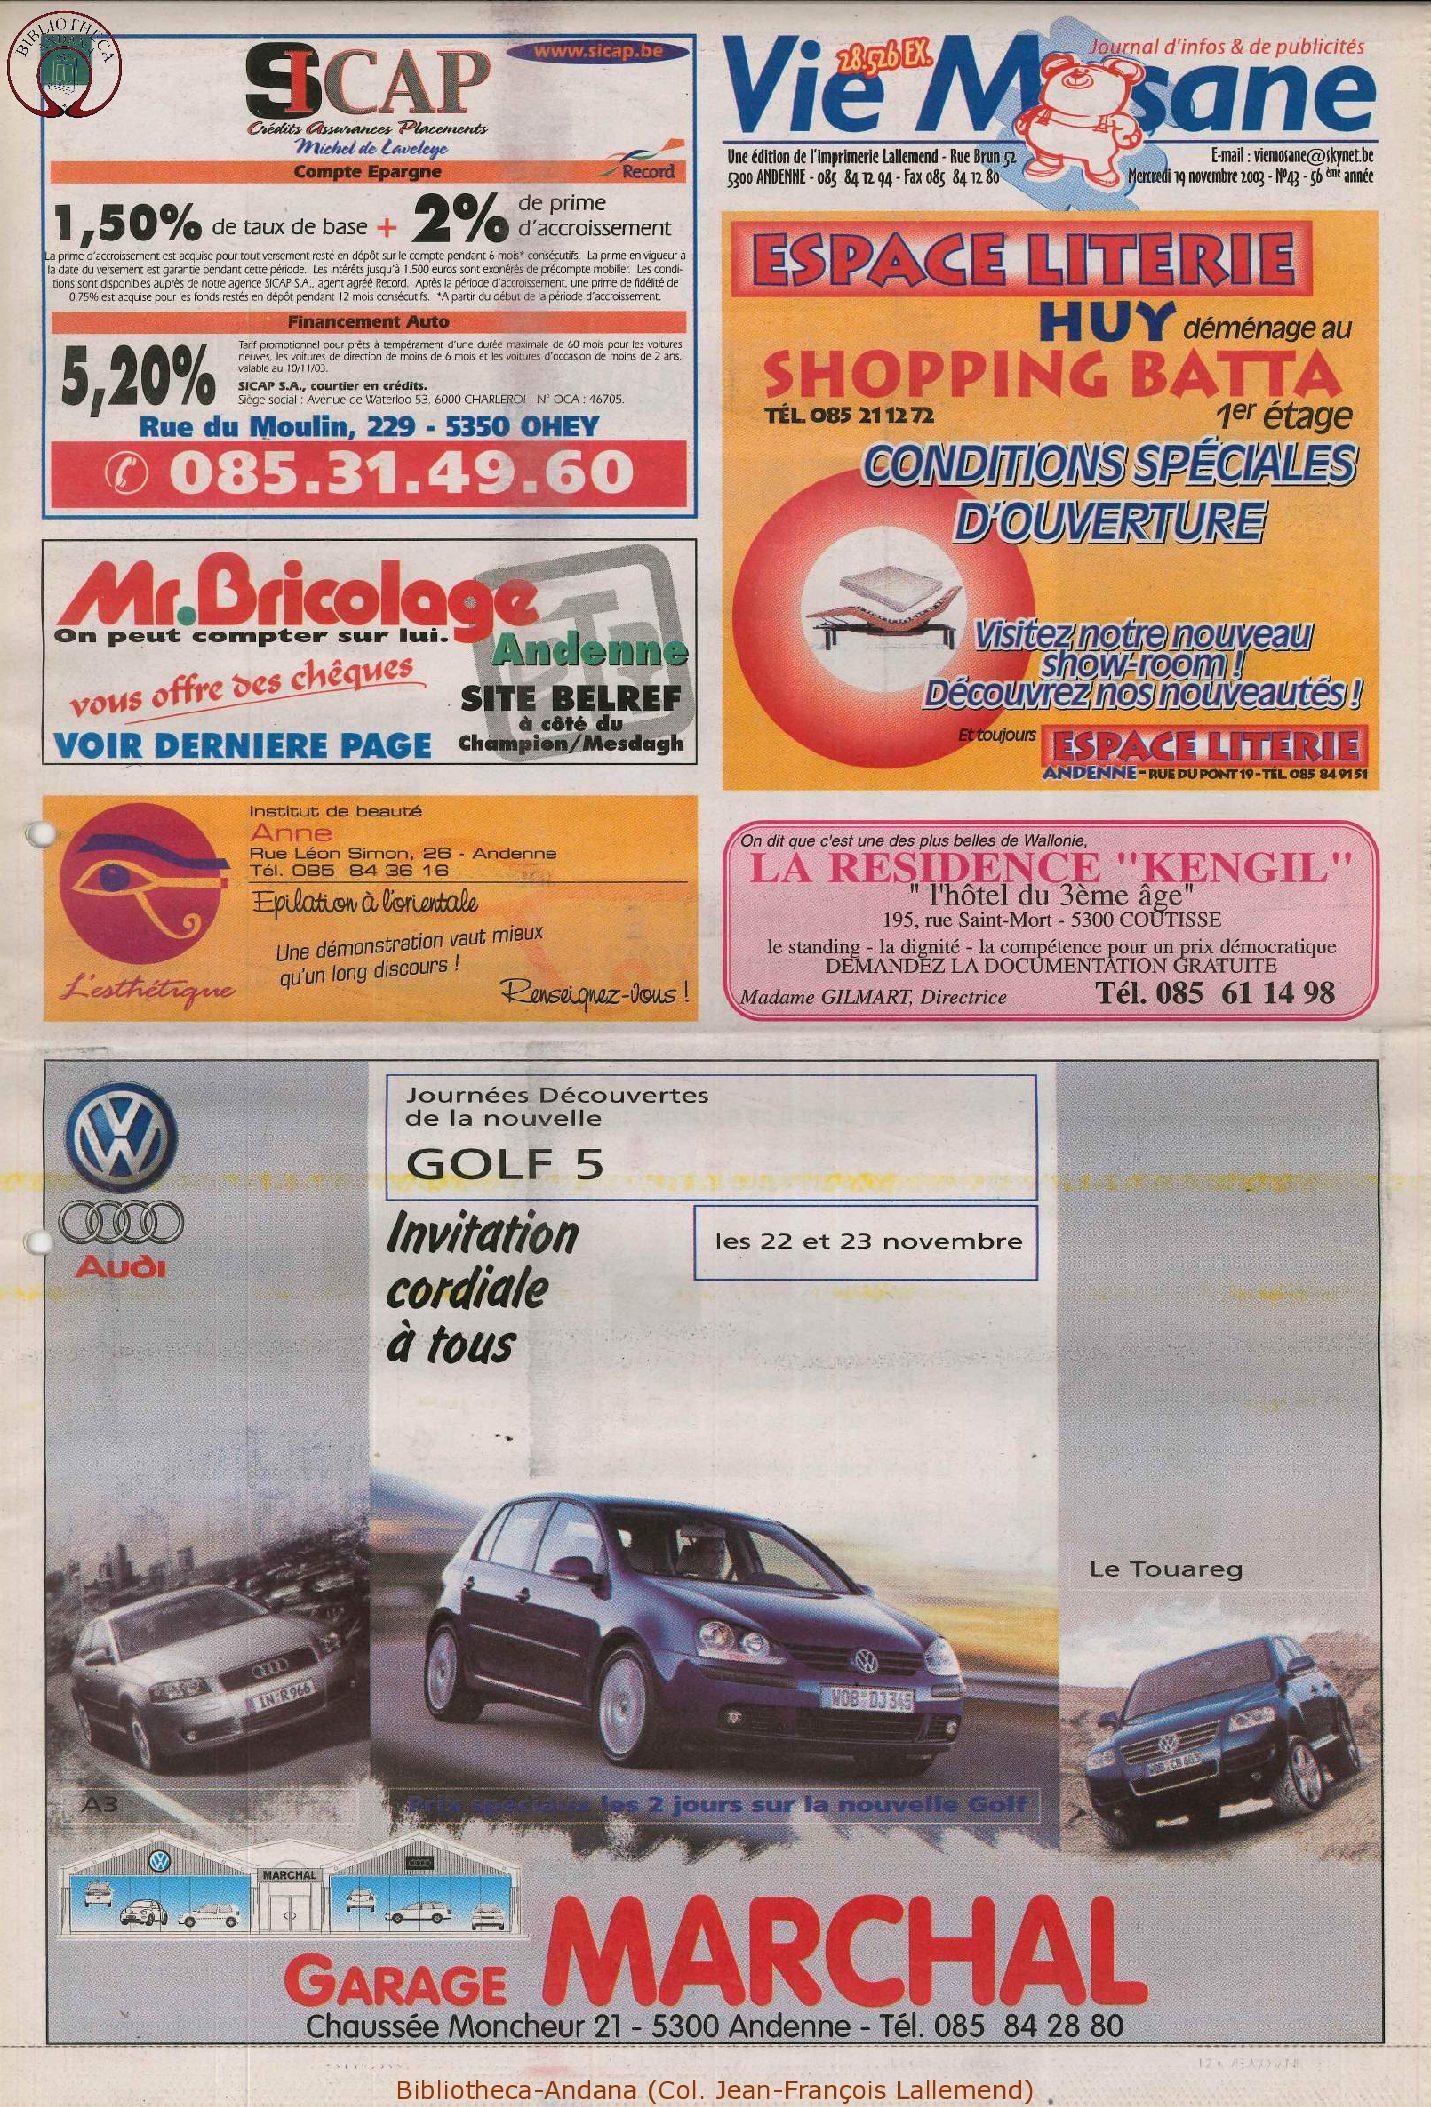 57e année - n°43 - 19 novembre 2003